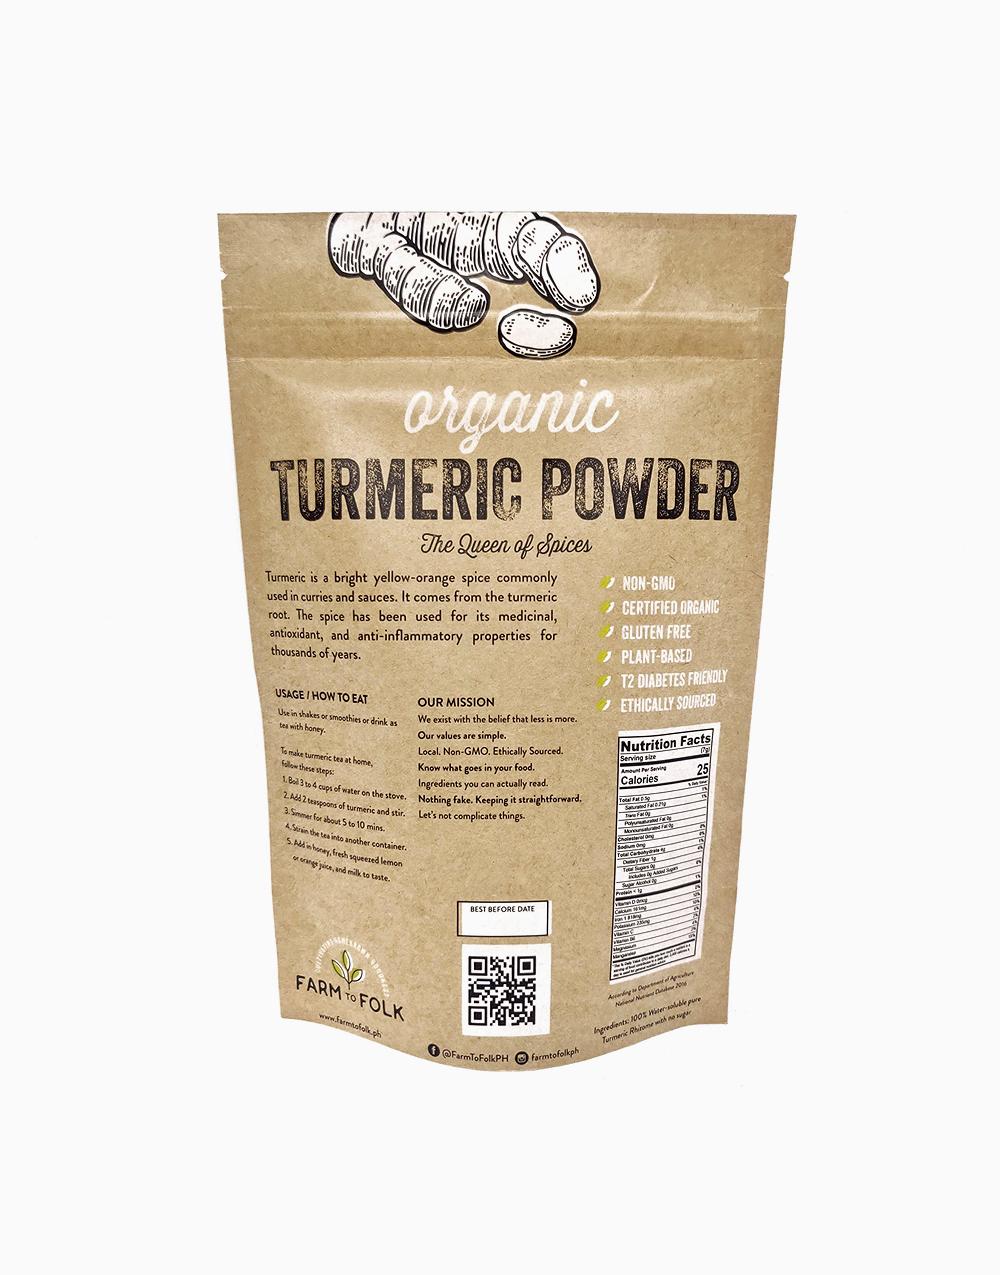 Organic 100% Turmeric Powder (250g) by Farm to Folk